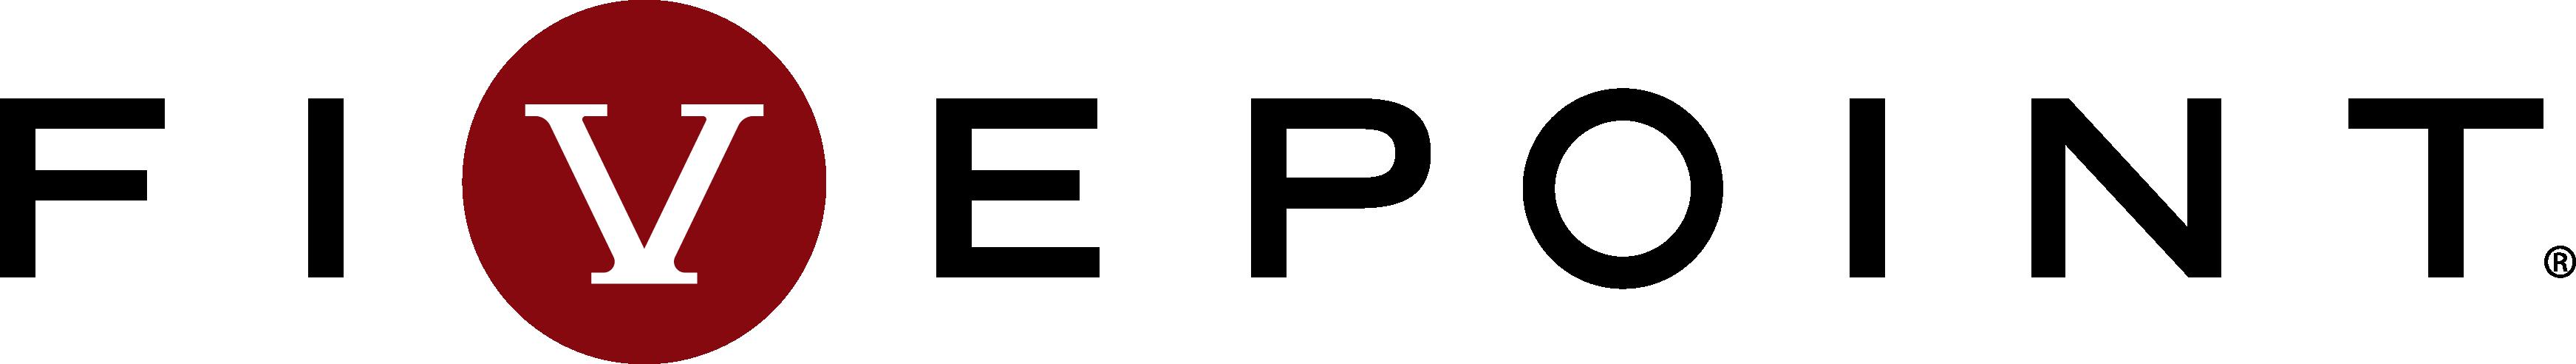 42e526c6 d1f4 4116 9279 6d7a324fdb23